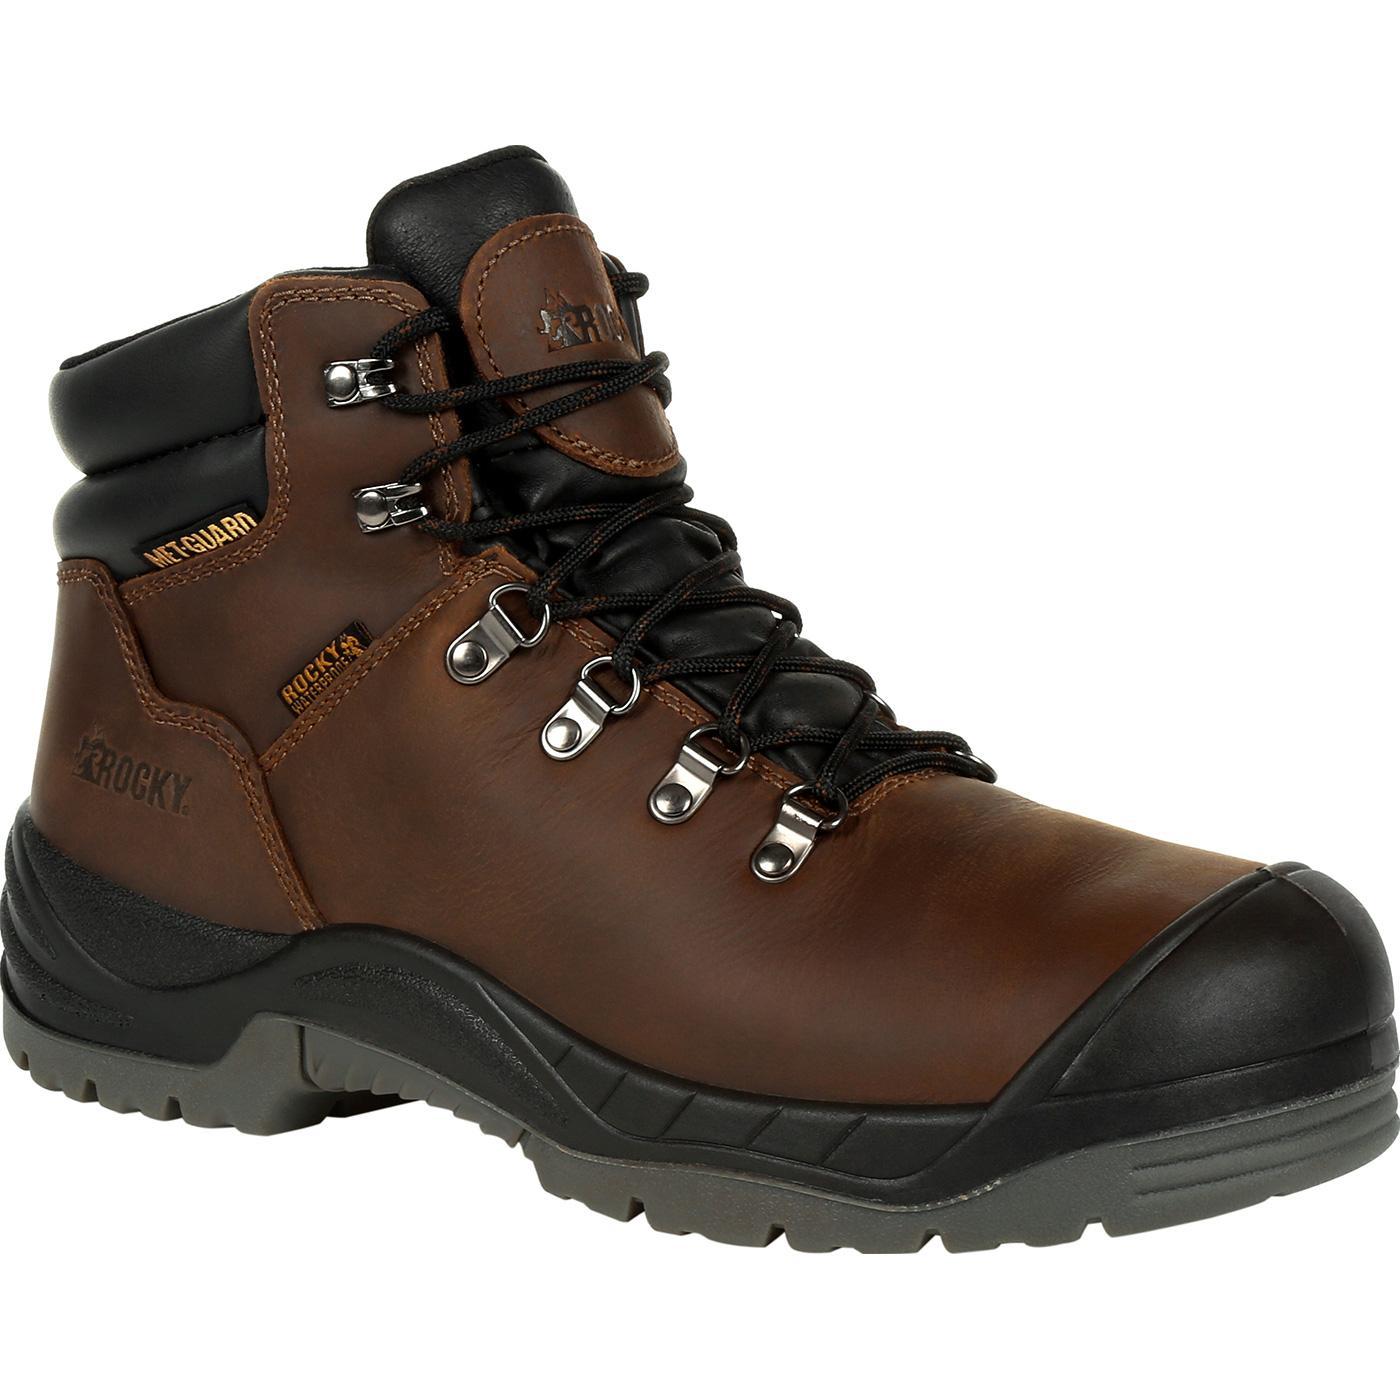 d805c60c1fa Rocky Worksmart Composite Toe Internal Met Guard Work Boot